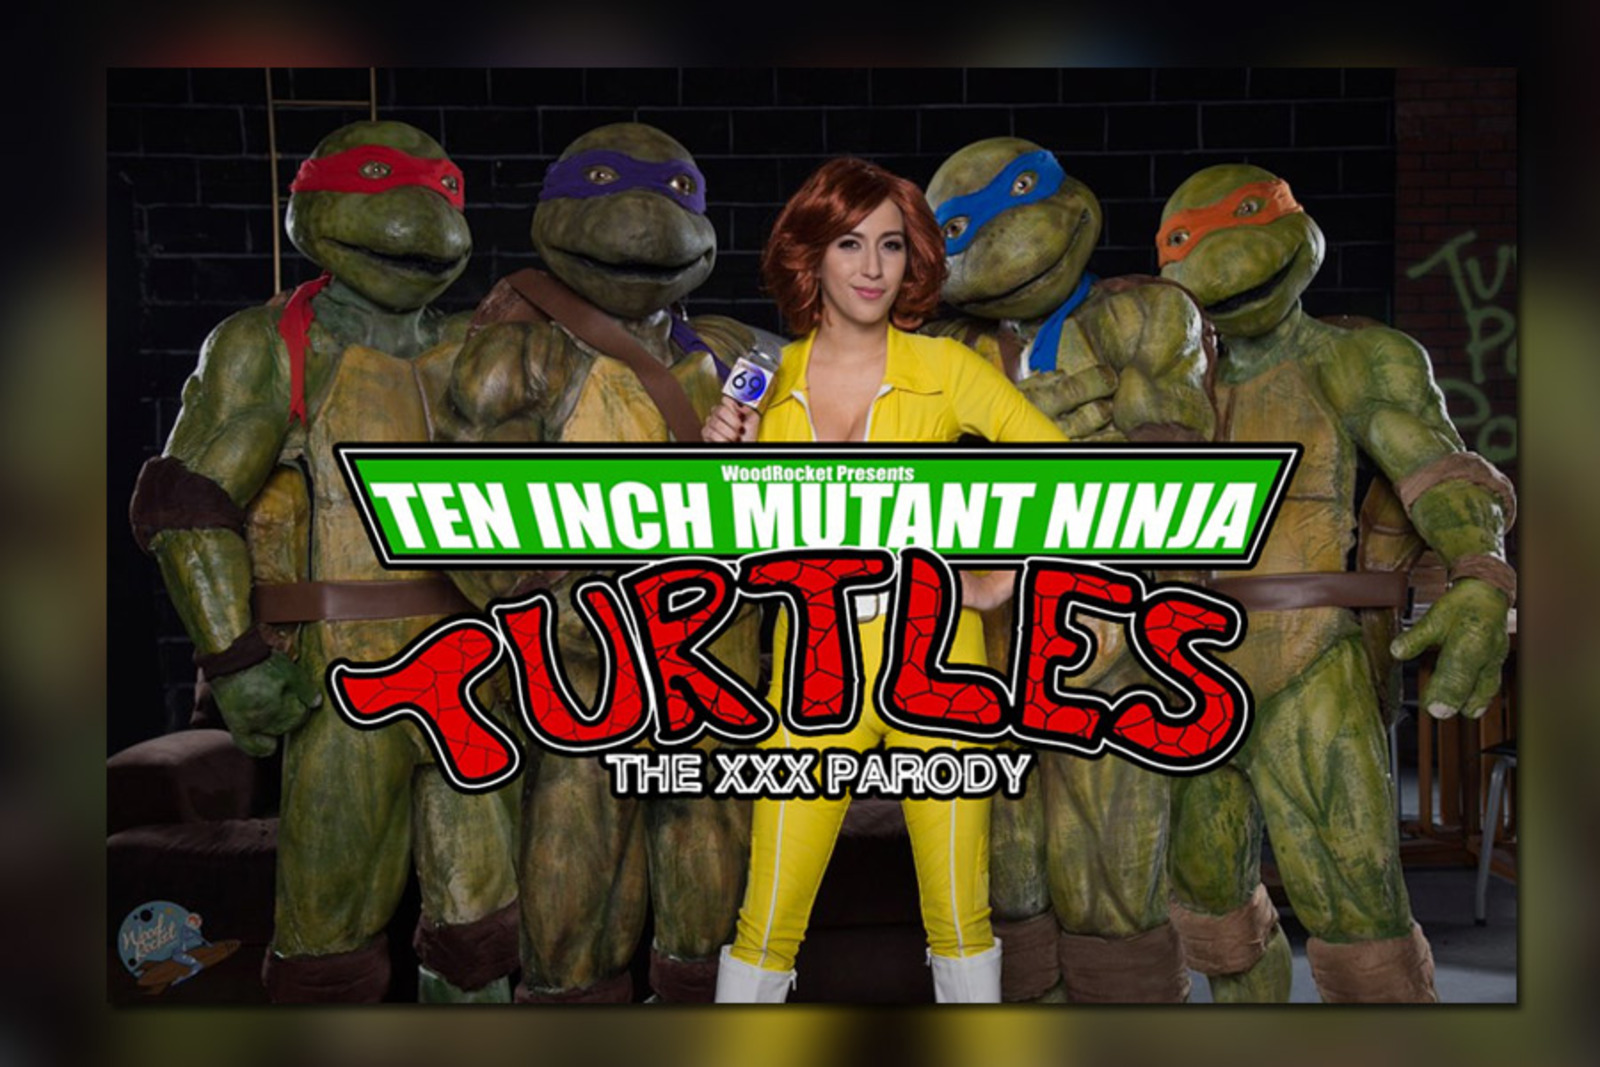 Ten inch mutant ninja turtles video